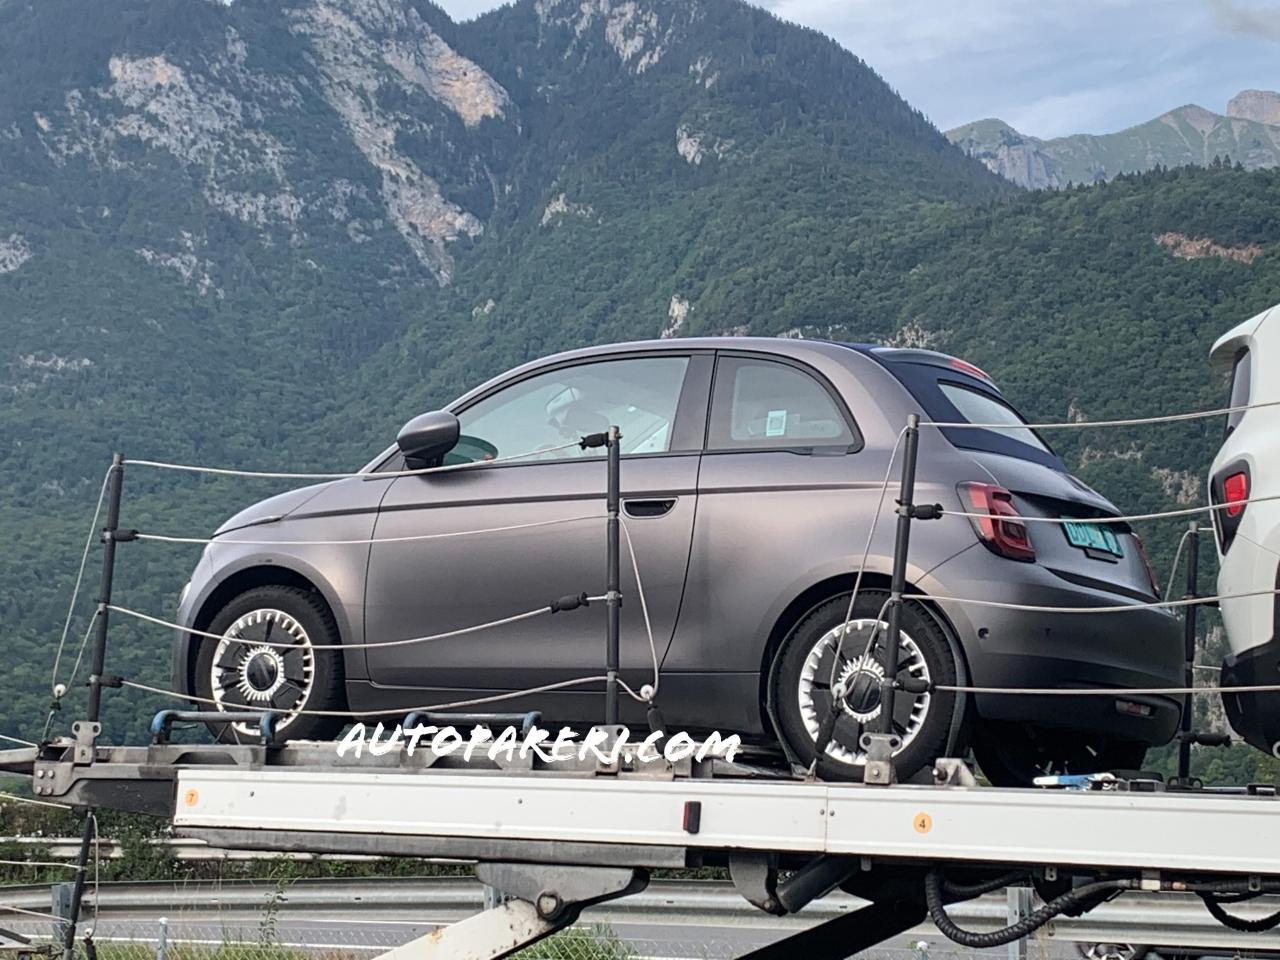 2020 - [Fiat] 500 e - Page 26 6004940F-720F-451C-82DD-DD4C3EF35F47.thumb.jpeg.7612c46412db8292665dac543d0f0655